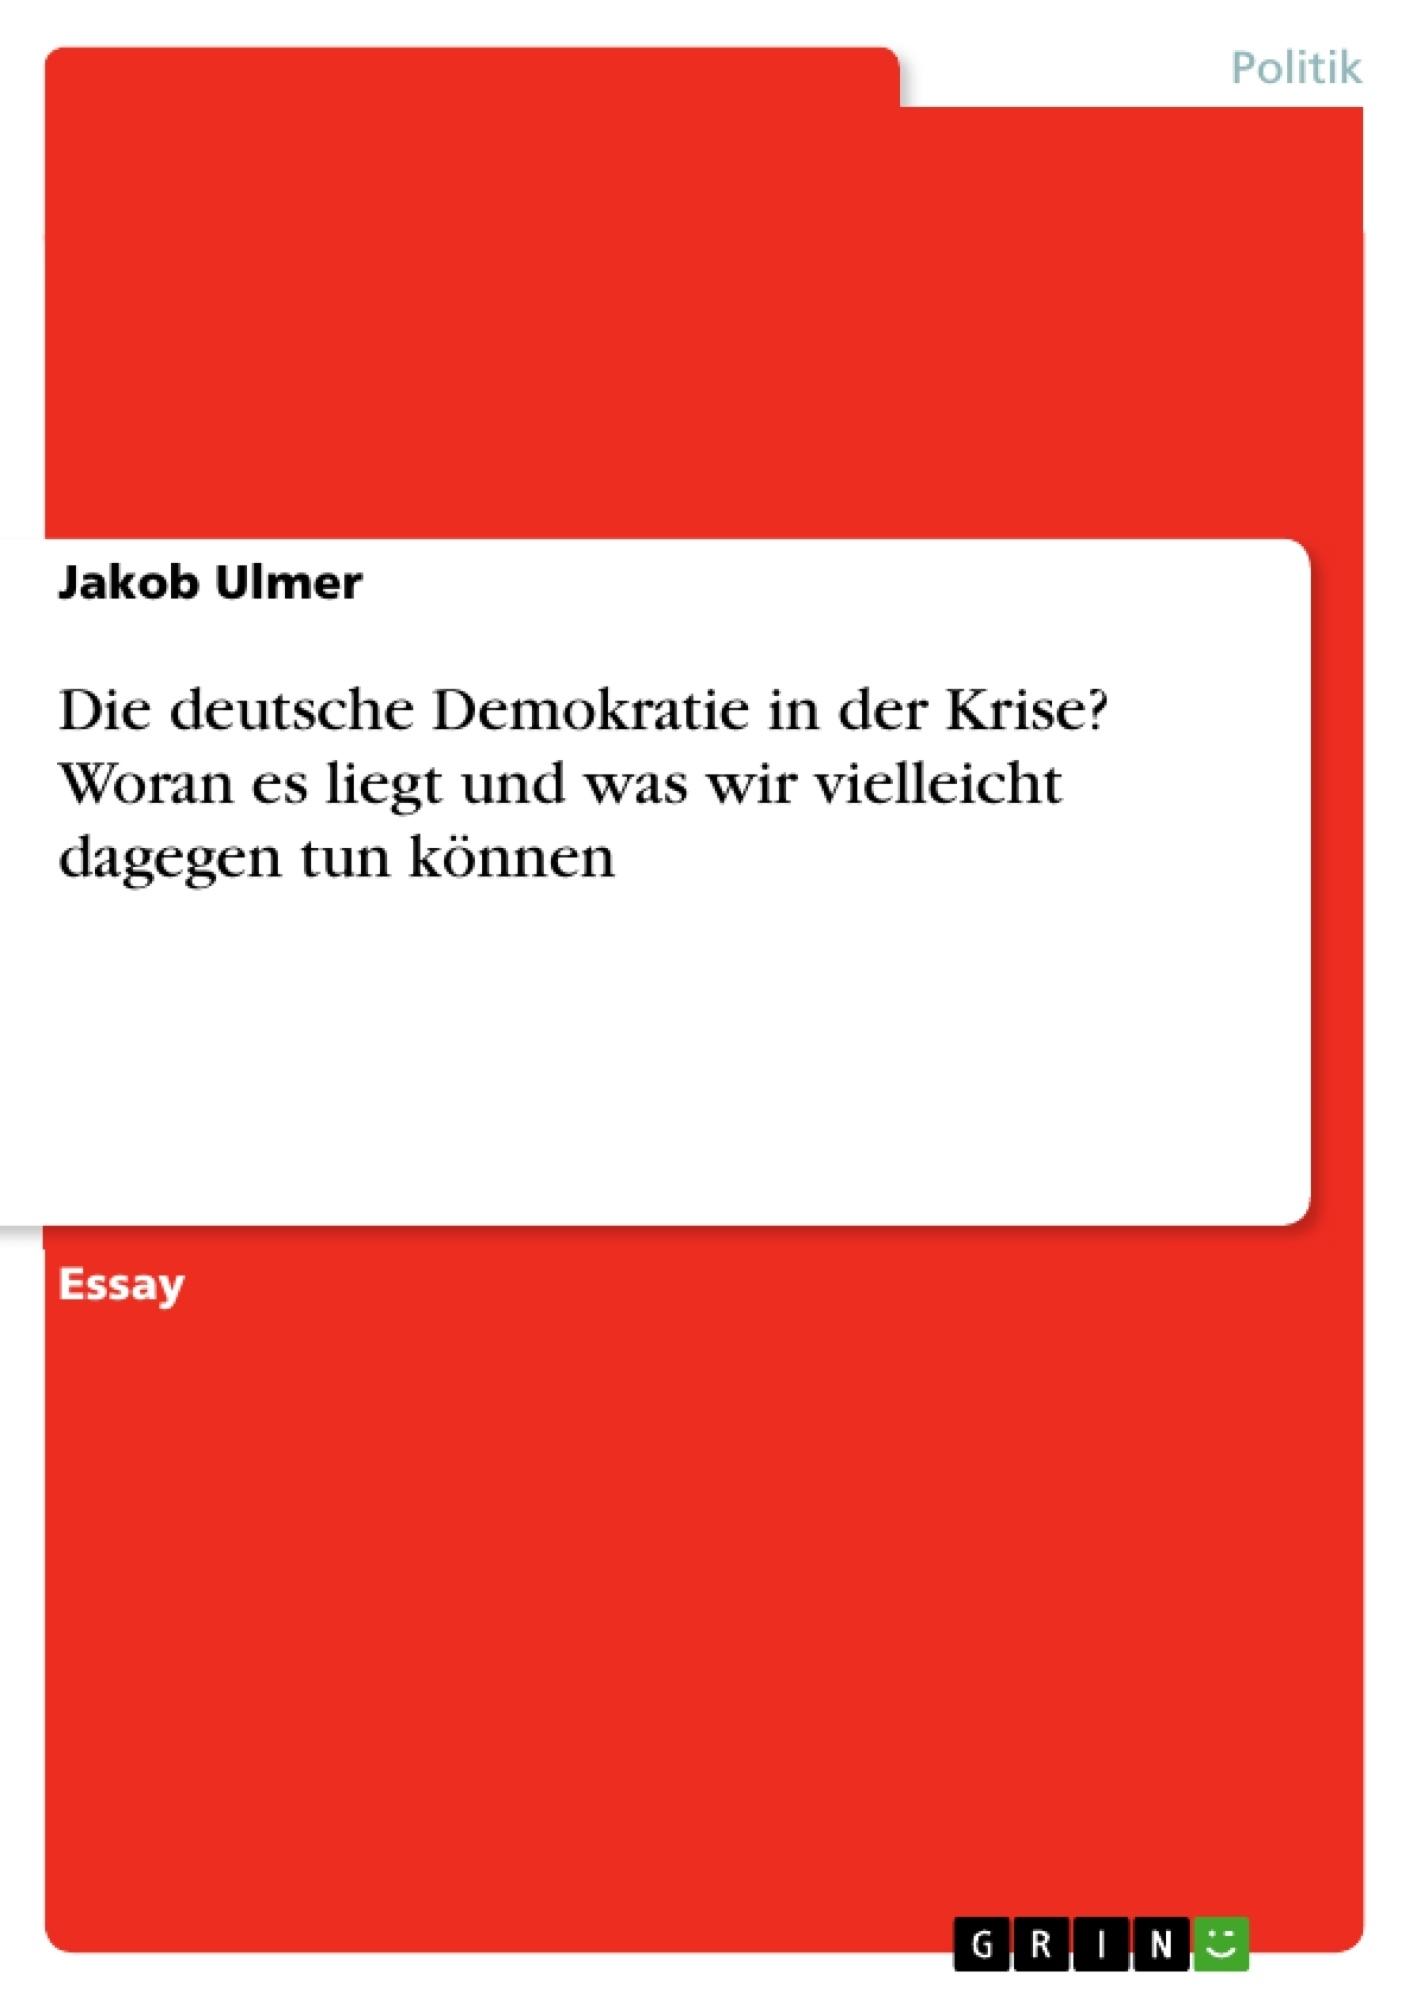 Titel: Die deutsche Demokratie in der Krise? Woran es liegt und was wir vielleicht dagegen tun können